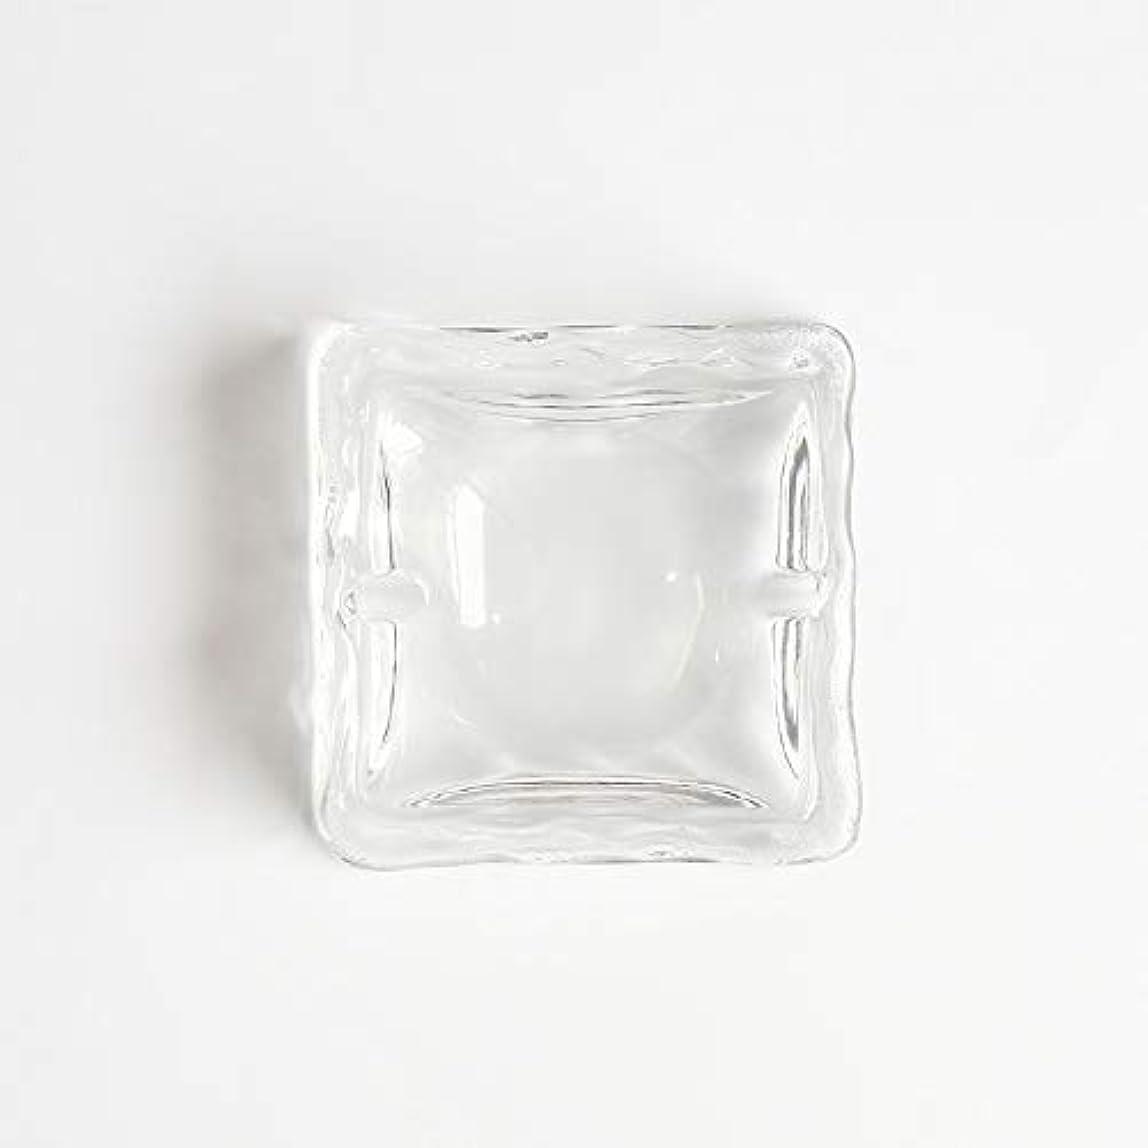 深めるスマートアンケートクリエイティブ屋外セラミックス灰皿ホームオフィスの卓上美しい装飾工芸品 (色 : クリア)